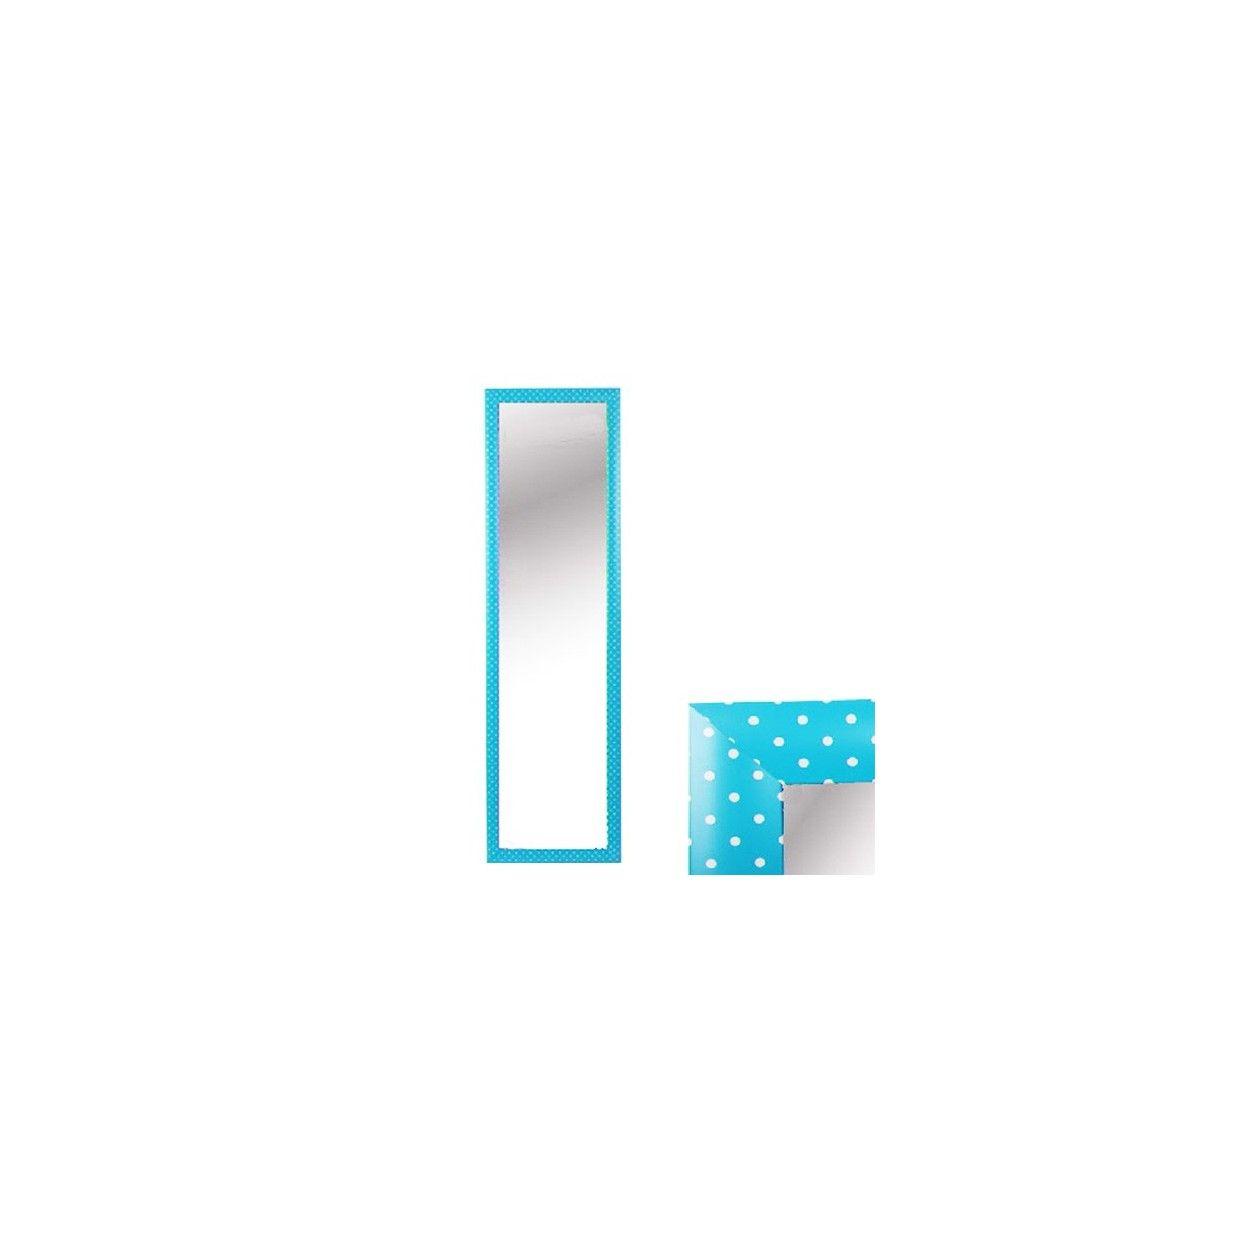 Espejo para puerta azul con lunares sin agujeros hogar for Perchero pared sin agujeros